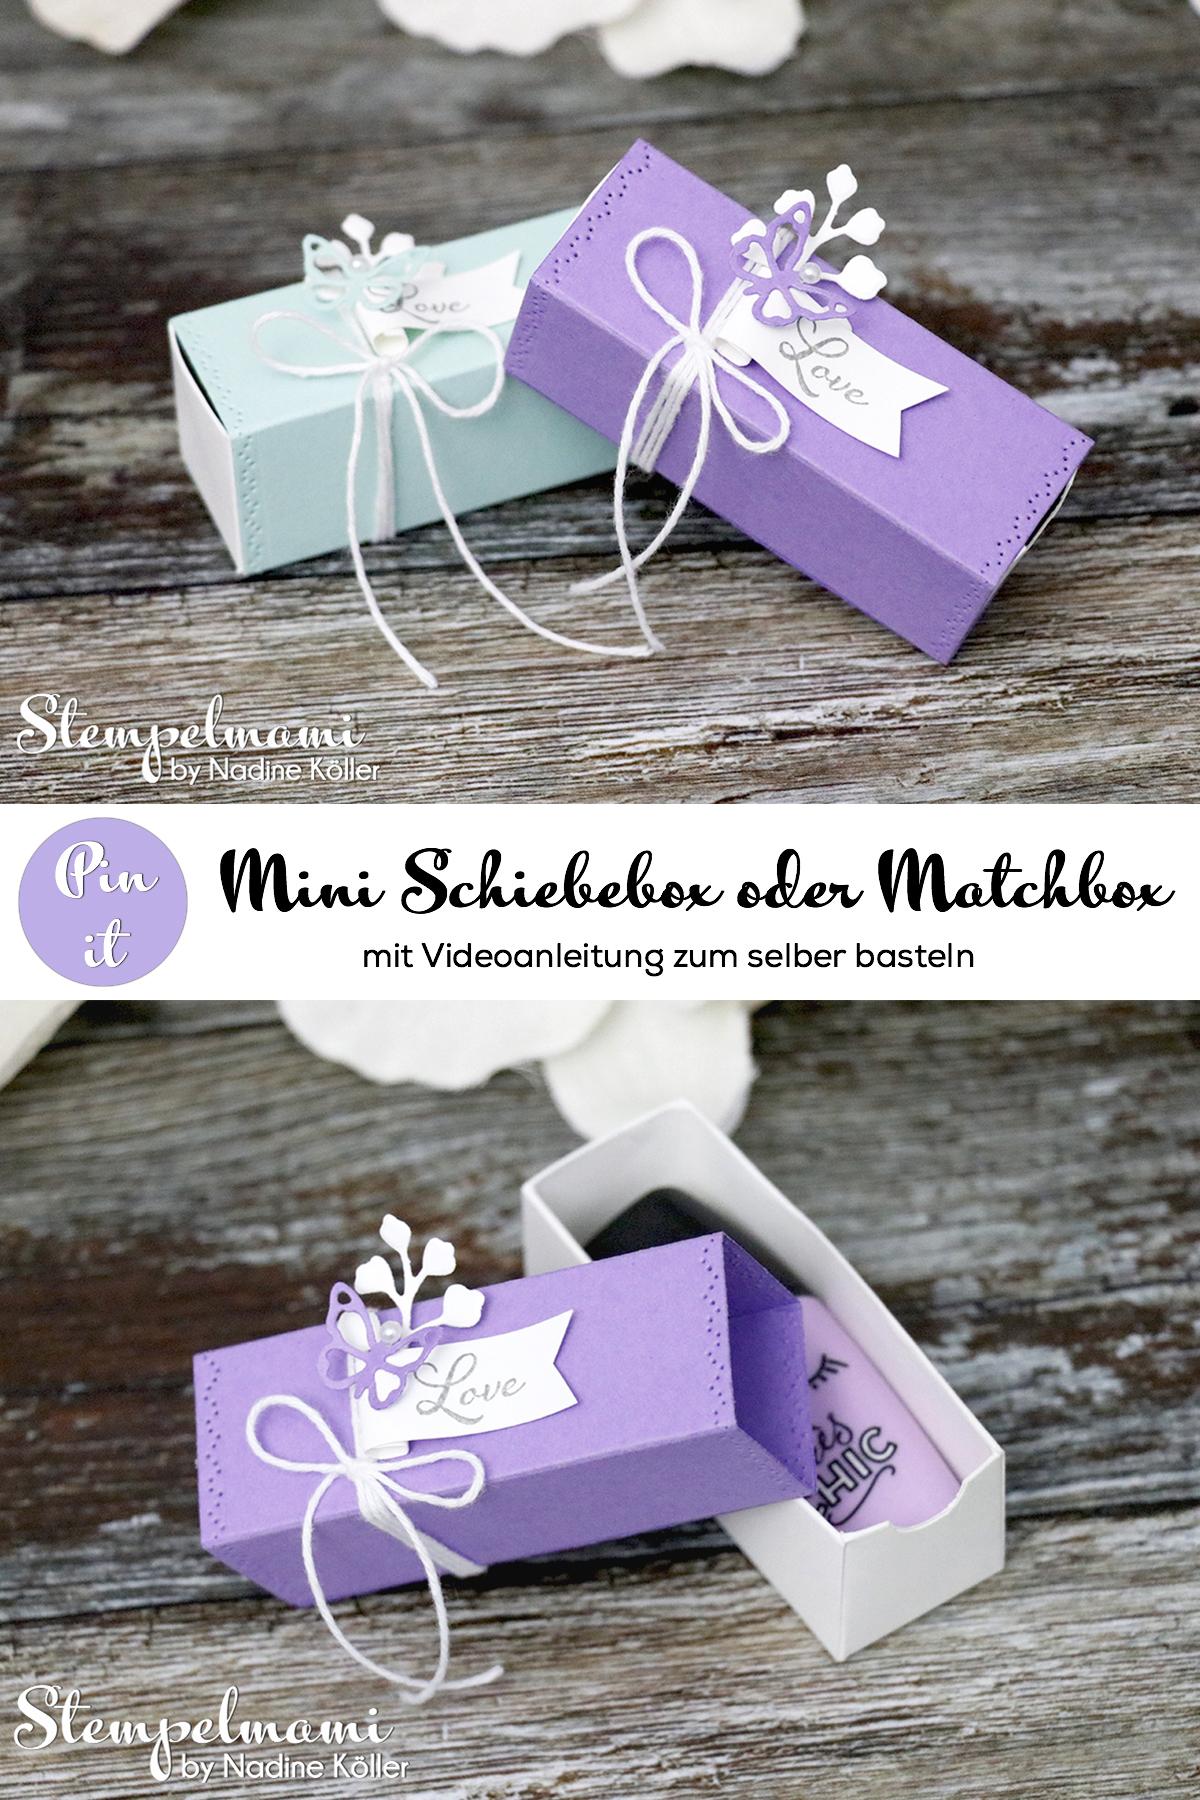 Stampin' Up! Anleitung Mini Schiebebox oder Matchbox basteln Gedanken der Natur Positive Thoughts Videanleitung Stempelmami Pinterest